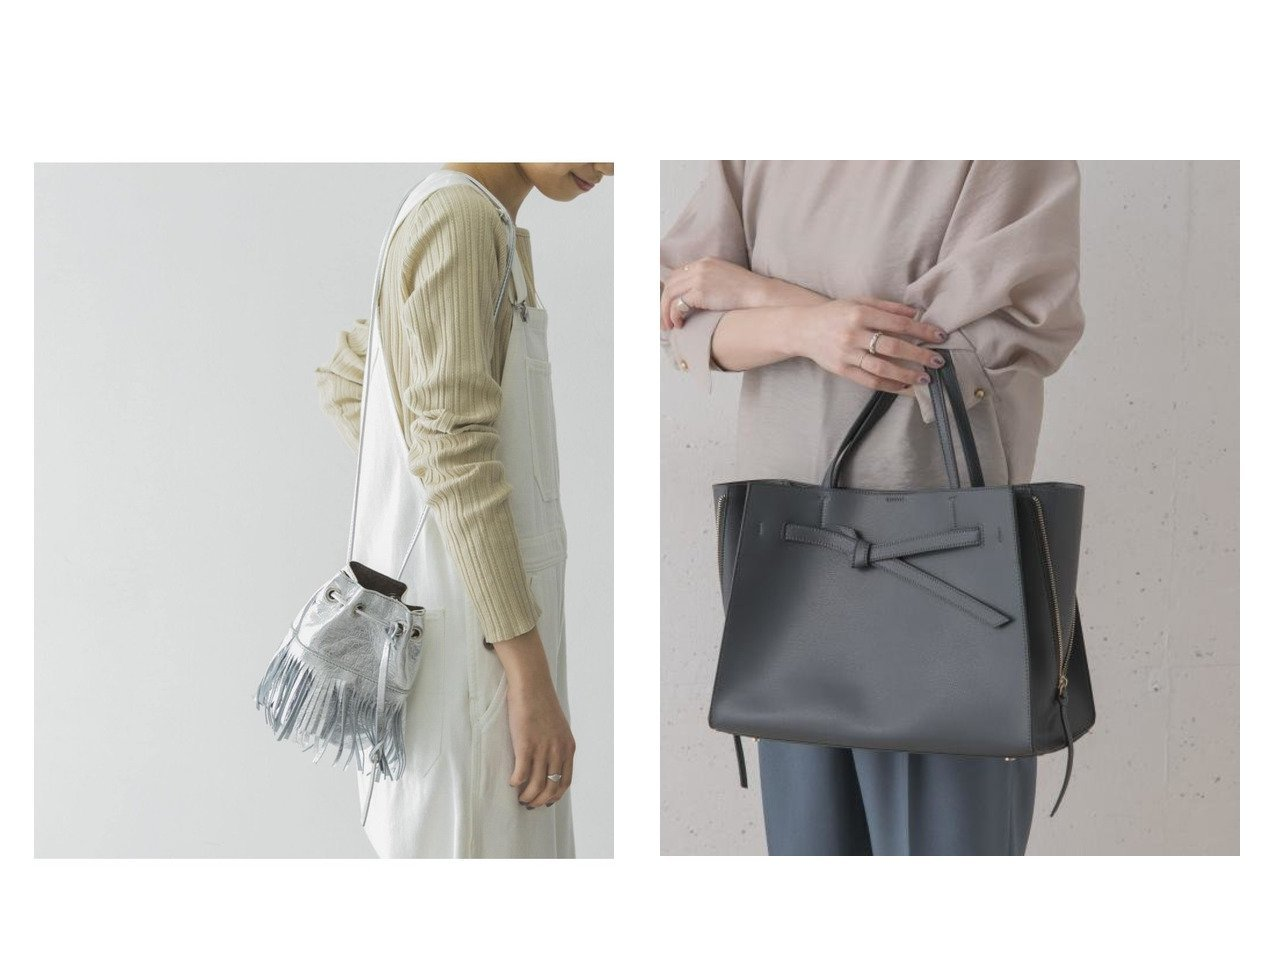 【URBAN RESEARCH/アーバンリサーチ】のMARCO MASI フリンジショルダーバッグ&【URBAN RESEARCH ROSSO/アーバンリサーチ ロッソ】のベルトデザイントート バッグ・鞄のおすすめ!人気、トレンド・レディースファッションの通販 おすすめで人気の流行・トレンド、ファッションの通販商品 メンズファッション・キッズファッション・インテリア・家具・レディースファッション・服の通販 founy(ファニー) https://founy.com/ ファッション Fashion レディースファッション WOMEN バッグ Bag ベルト Belts ミラノ ジップ ハンドバッグ 再入荷 Restock/Back in Stock/Re Arrival |ID:crp329100000023940